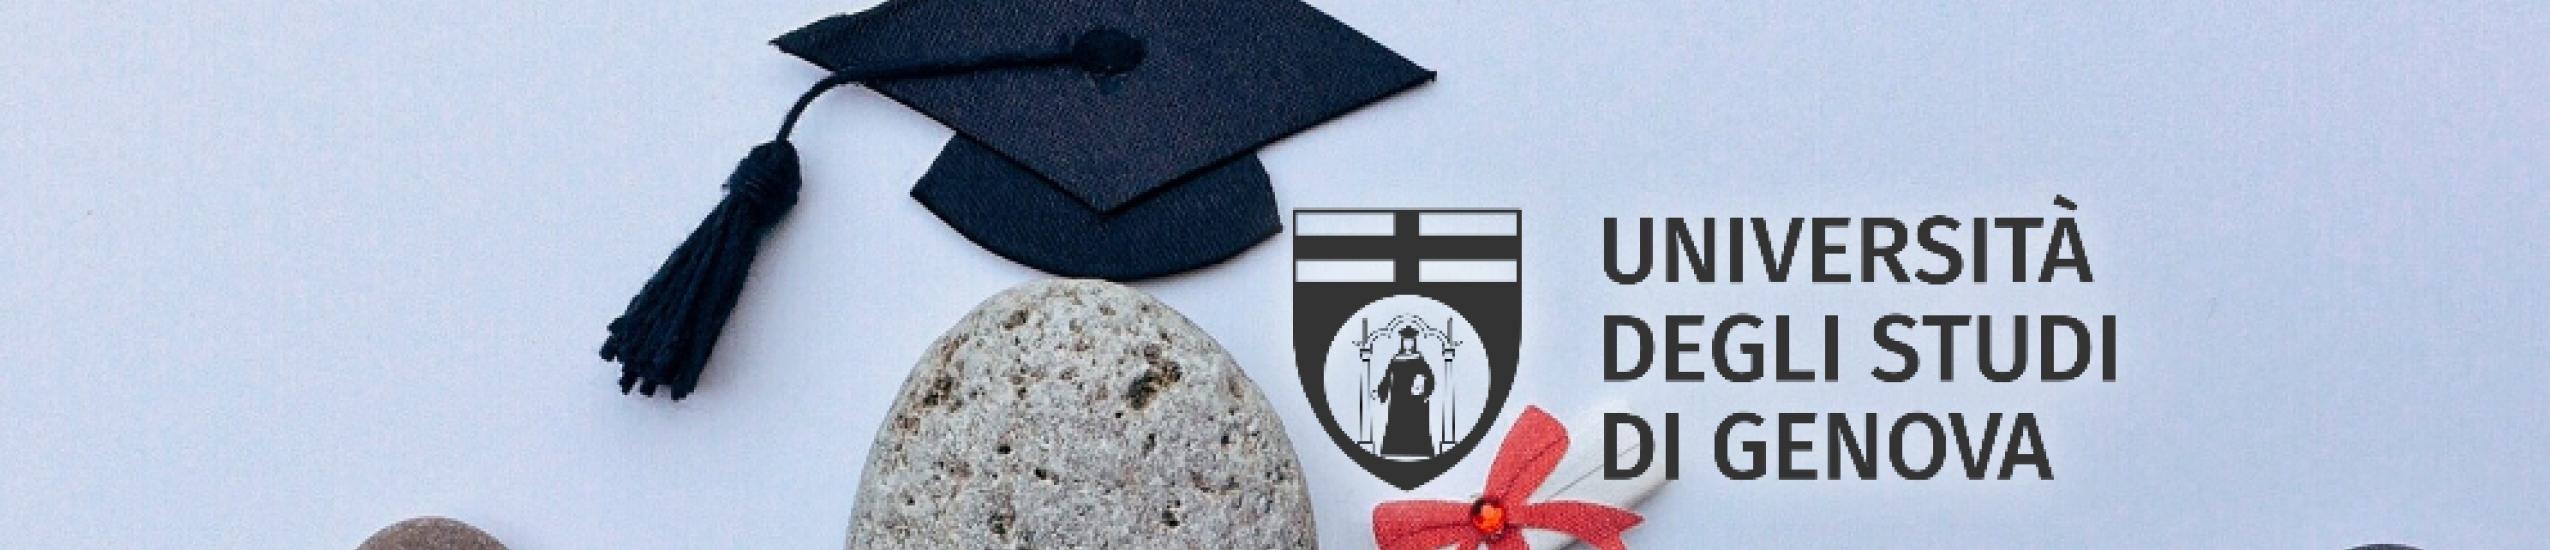 La formazione universitaria a Genova e Liguria